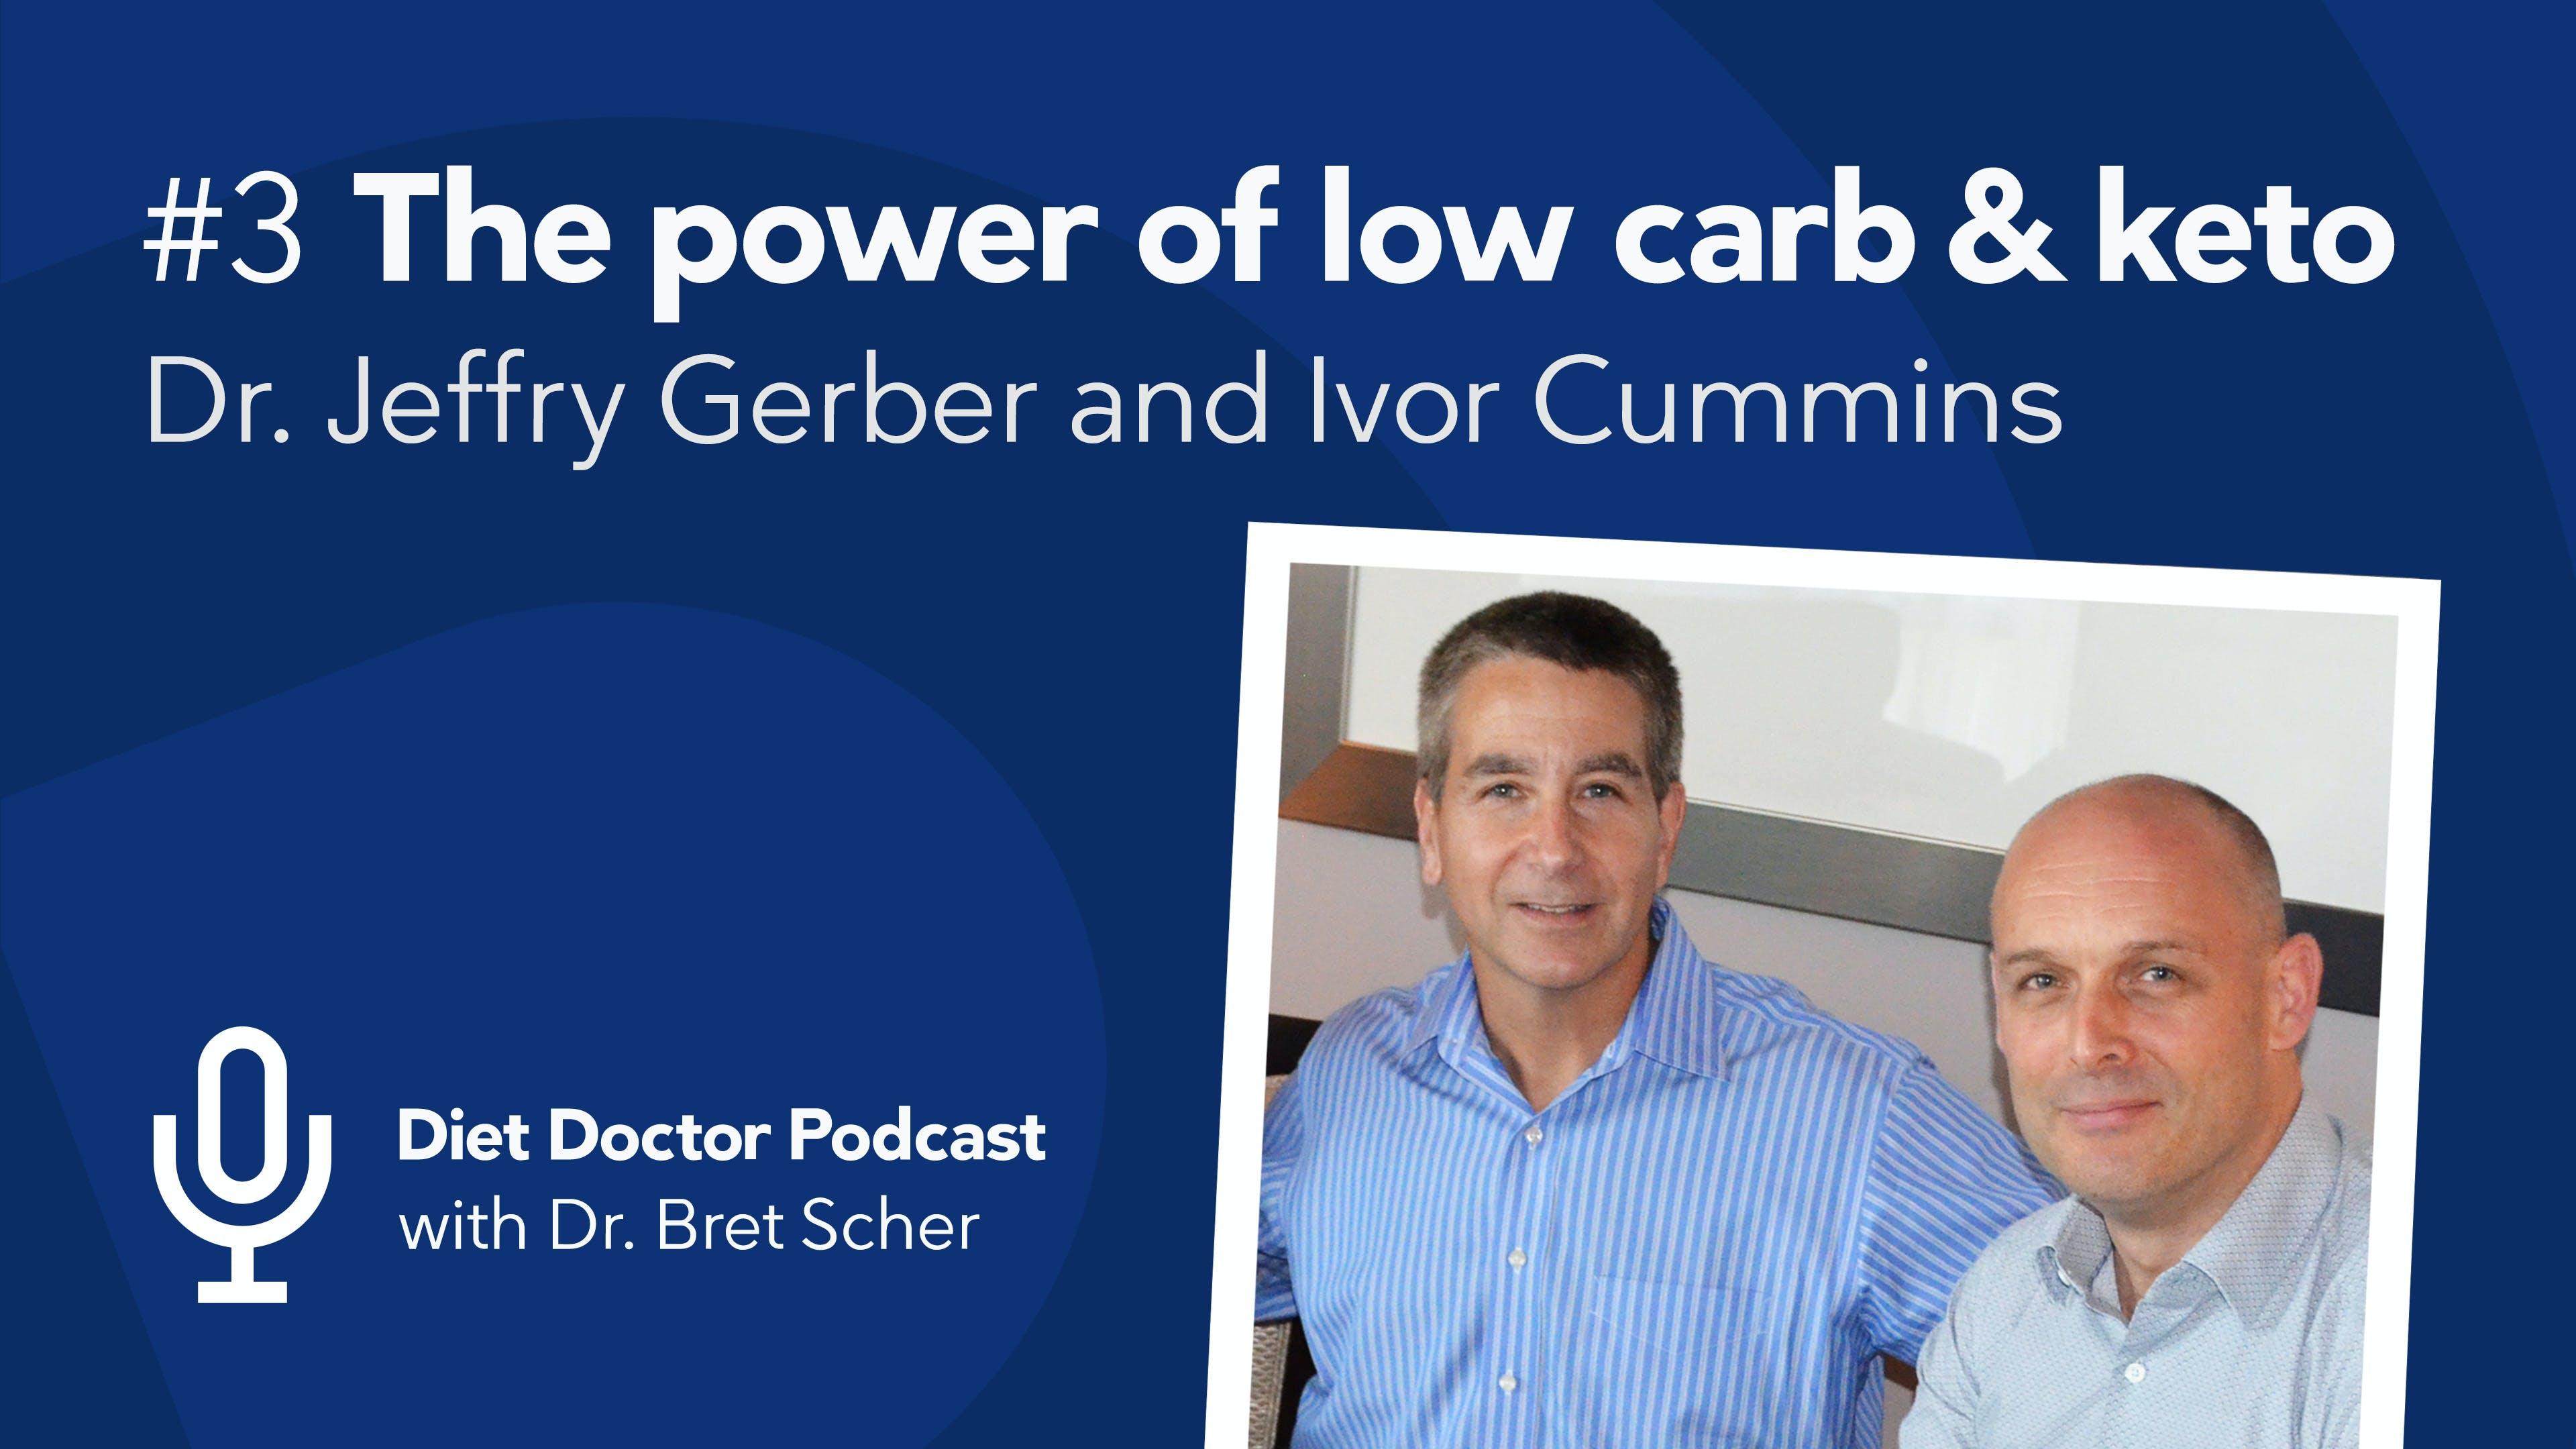 Podcast - Dr. Jeffry Gerber and Ivor Cummins